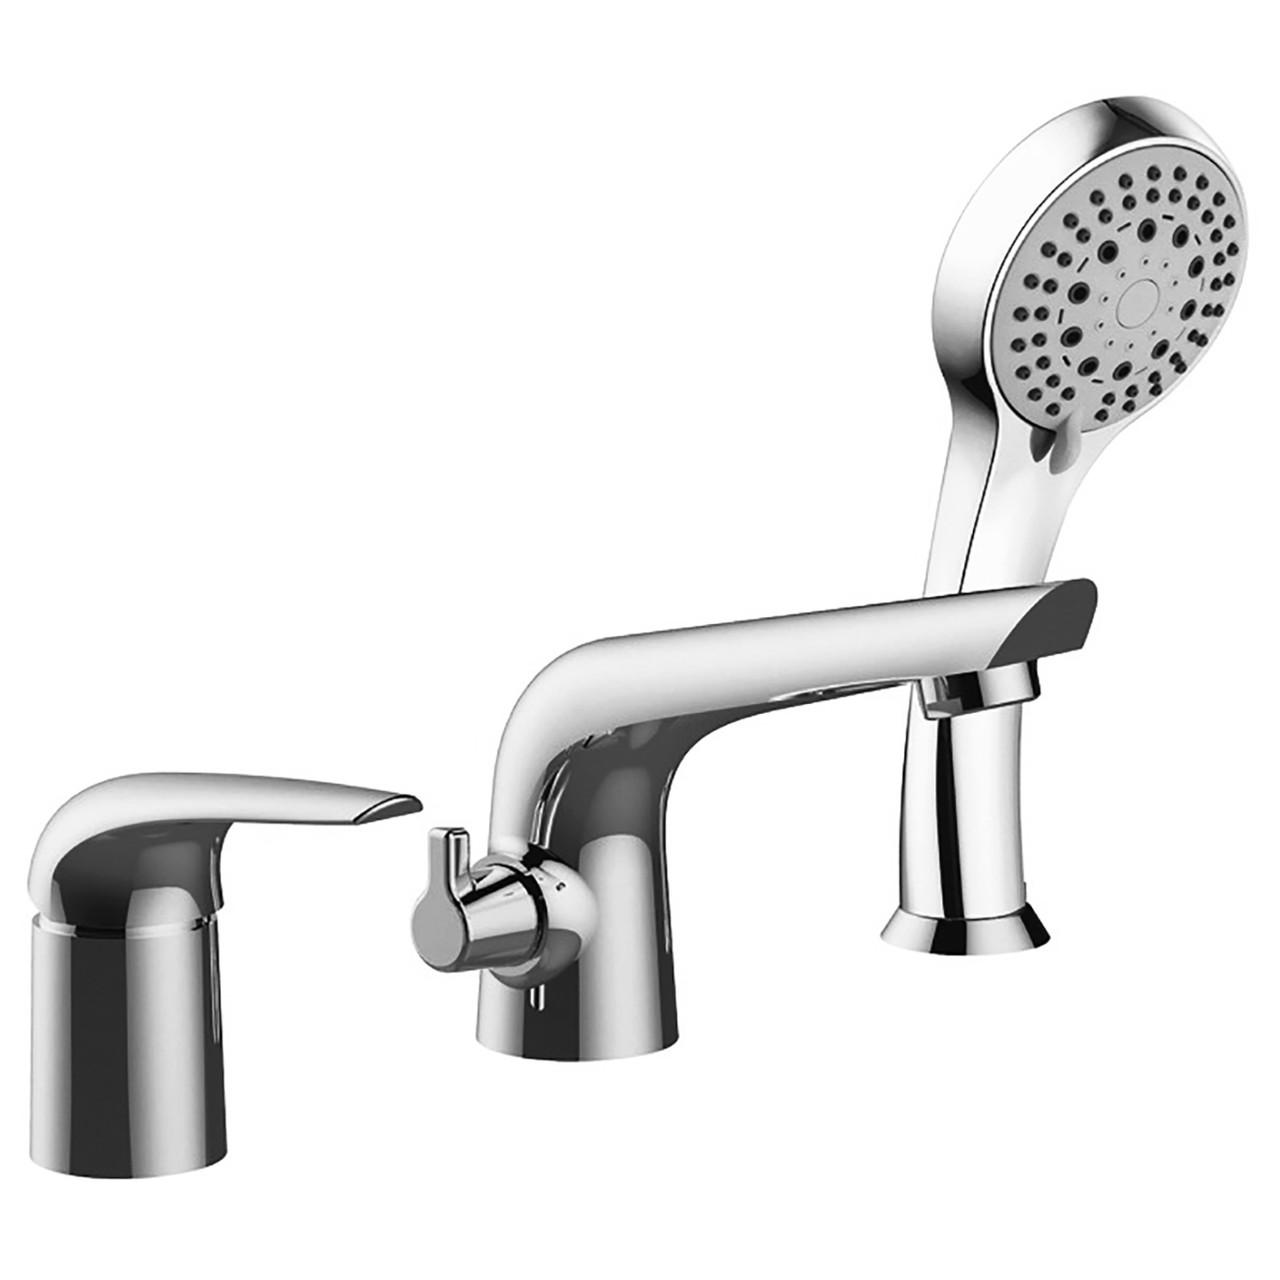 KRINICE смеситель для ванны, врезной, на три отверстия, хром, 35 мм